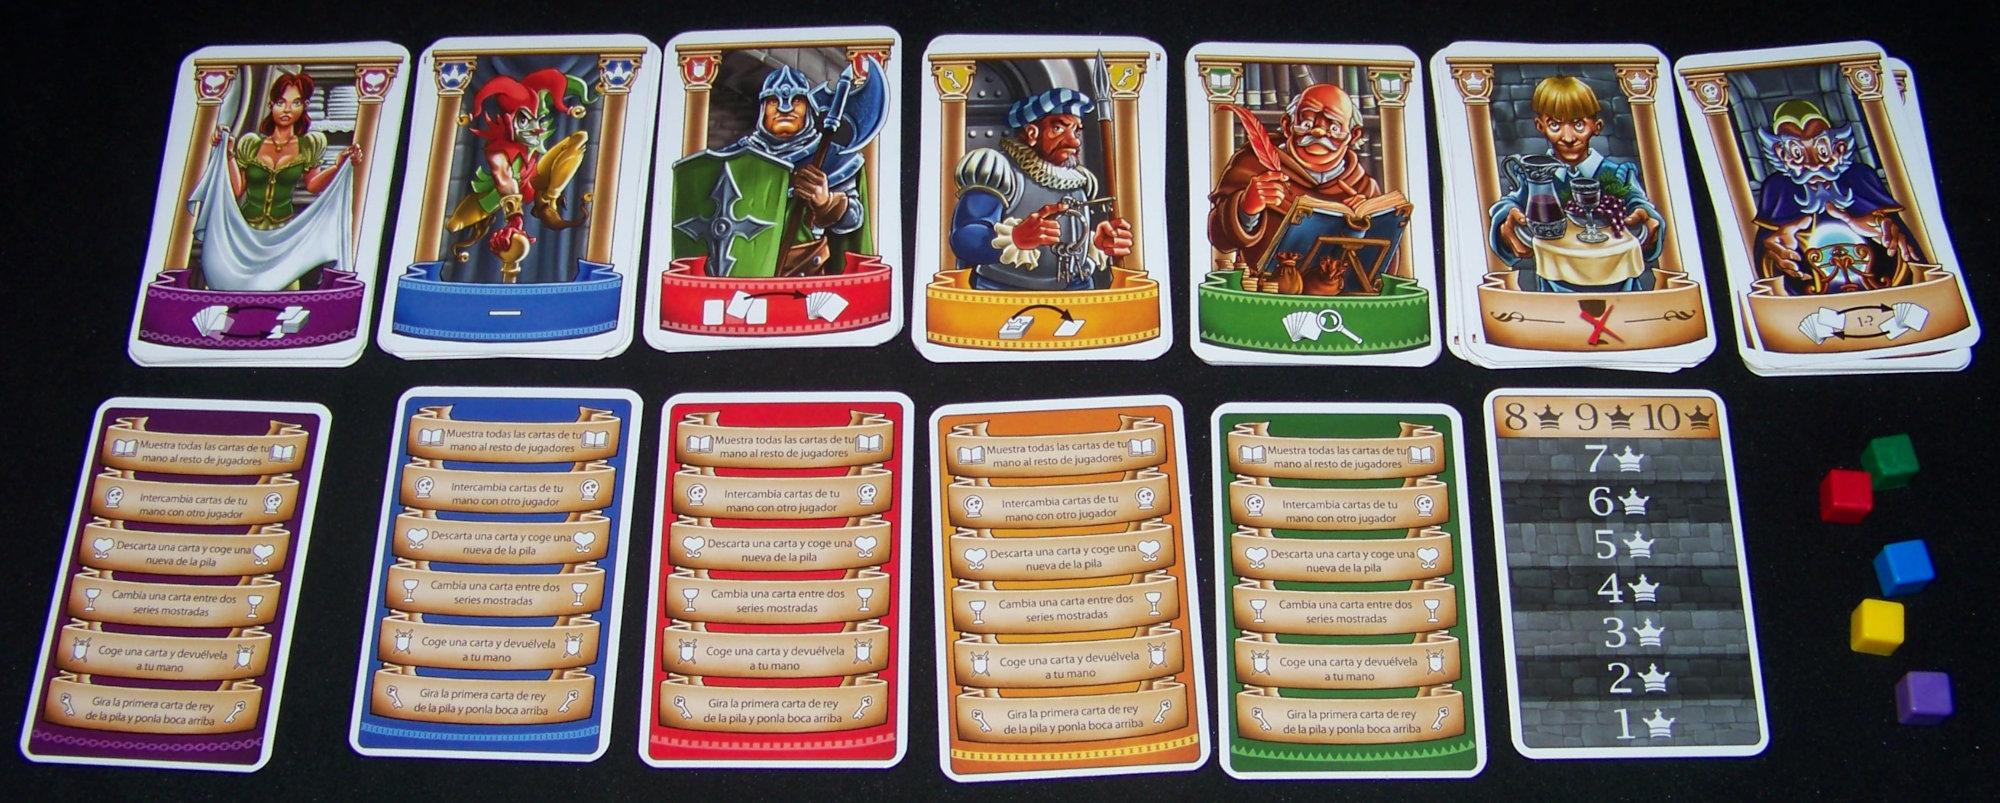 Juego de mesa Intrigas de Palacio - detalle de las cartas de personajes